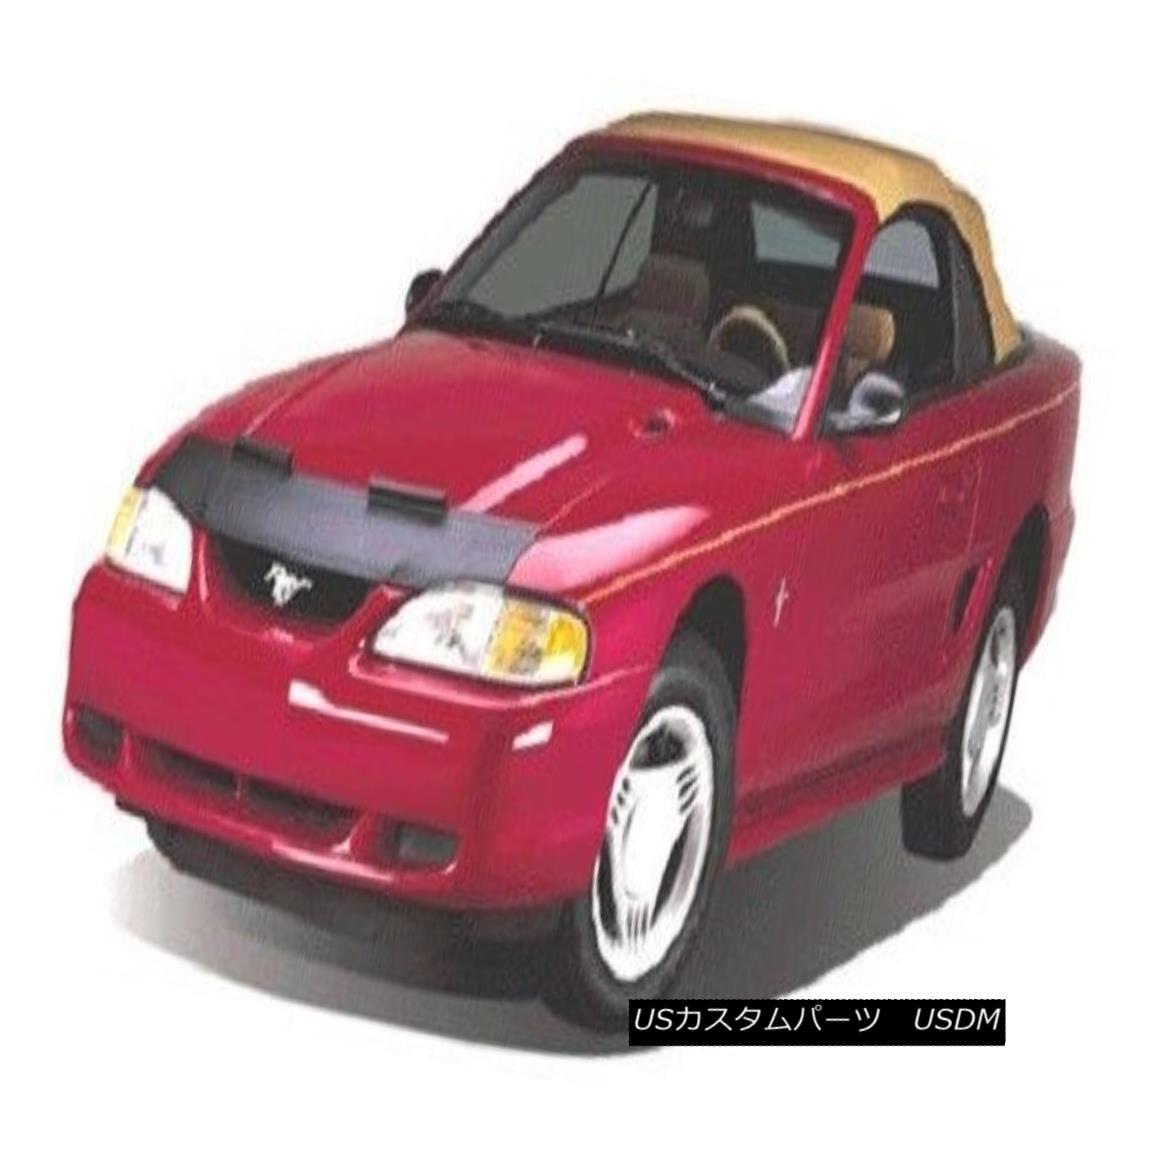 フルブラ ノーズブラ Lebra Hood Protector Mini Mask Bra Fits Subaru Impreza (Exc. WRX) 2012-2017 LebraフードプロテクターミニマスクブラはSubaru Impreza(Exc。WRX)に適合2012-2017